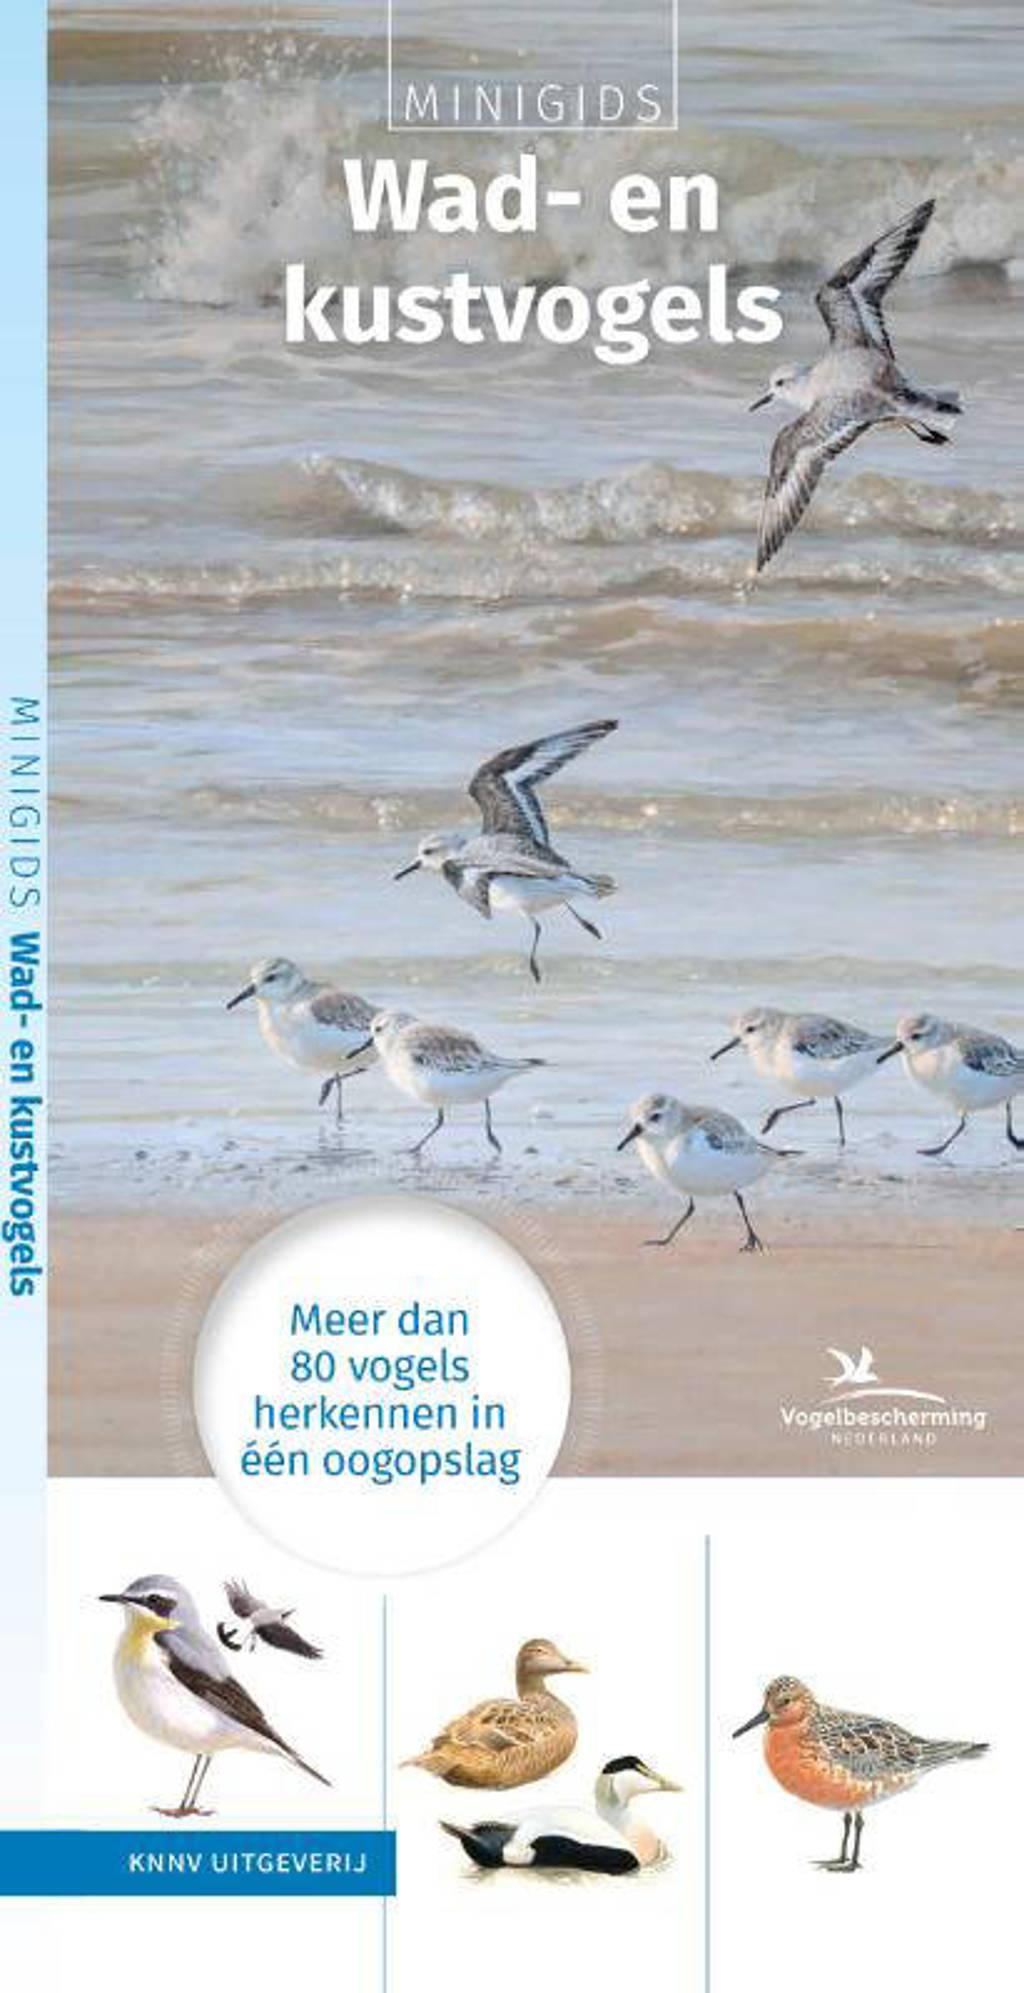 Minigids: Minigids Wad- en kustvogels - Maureen Kemperink